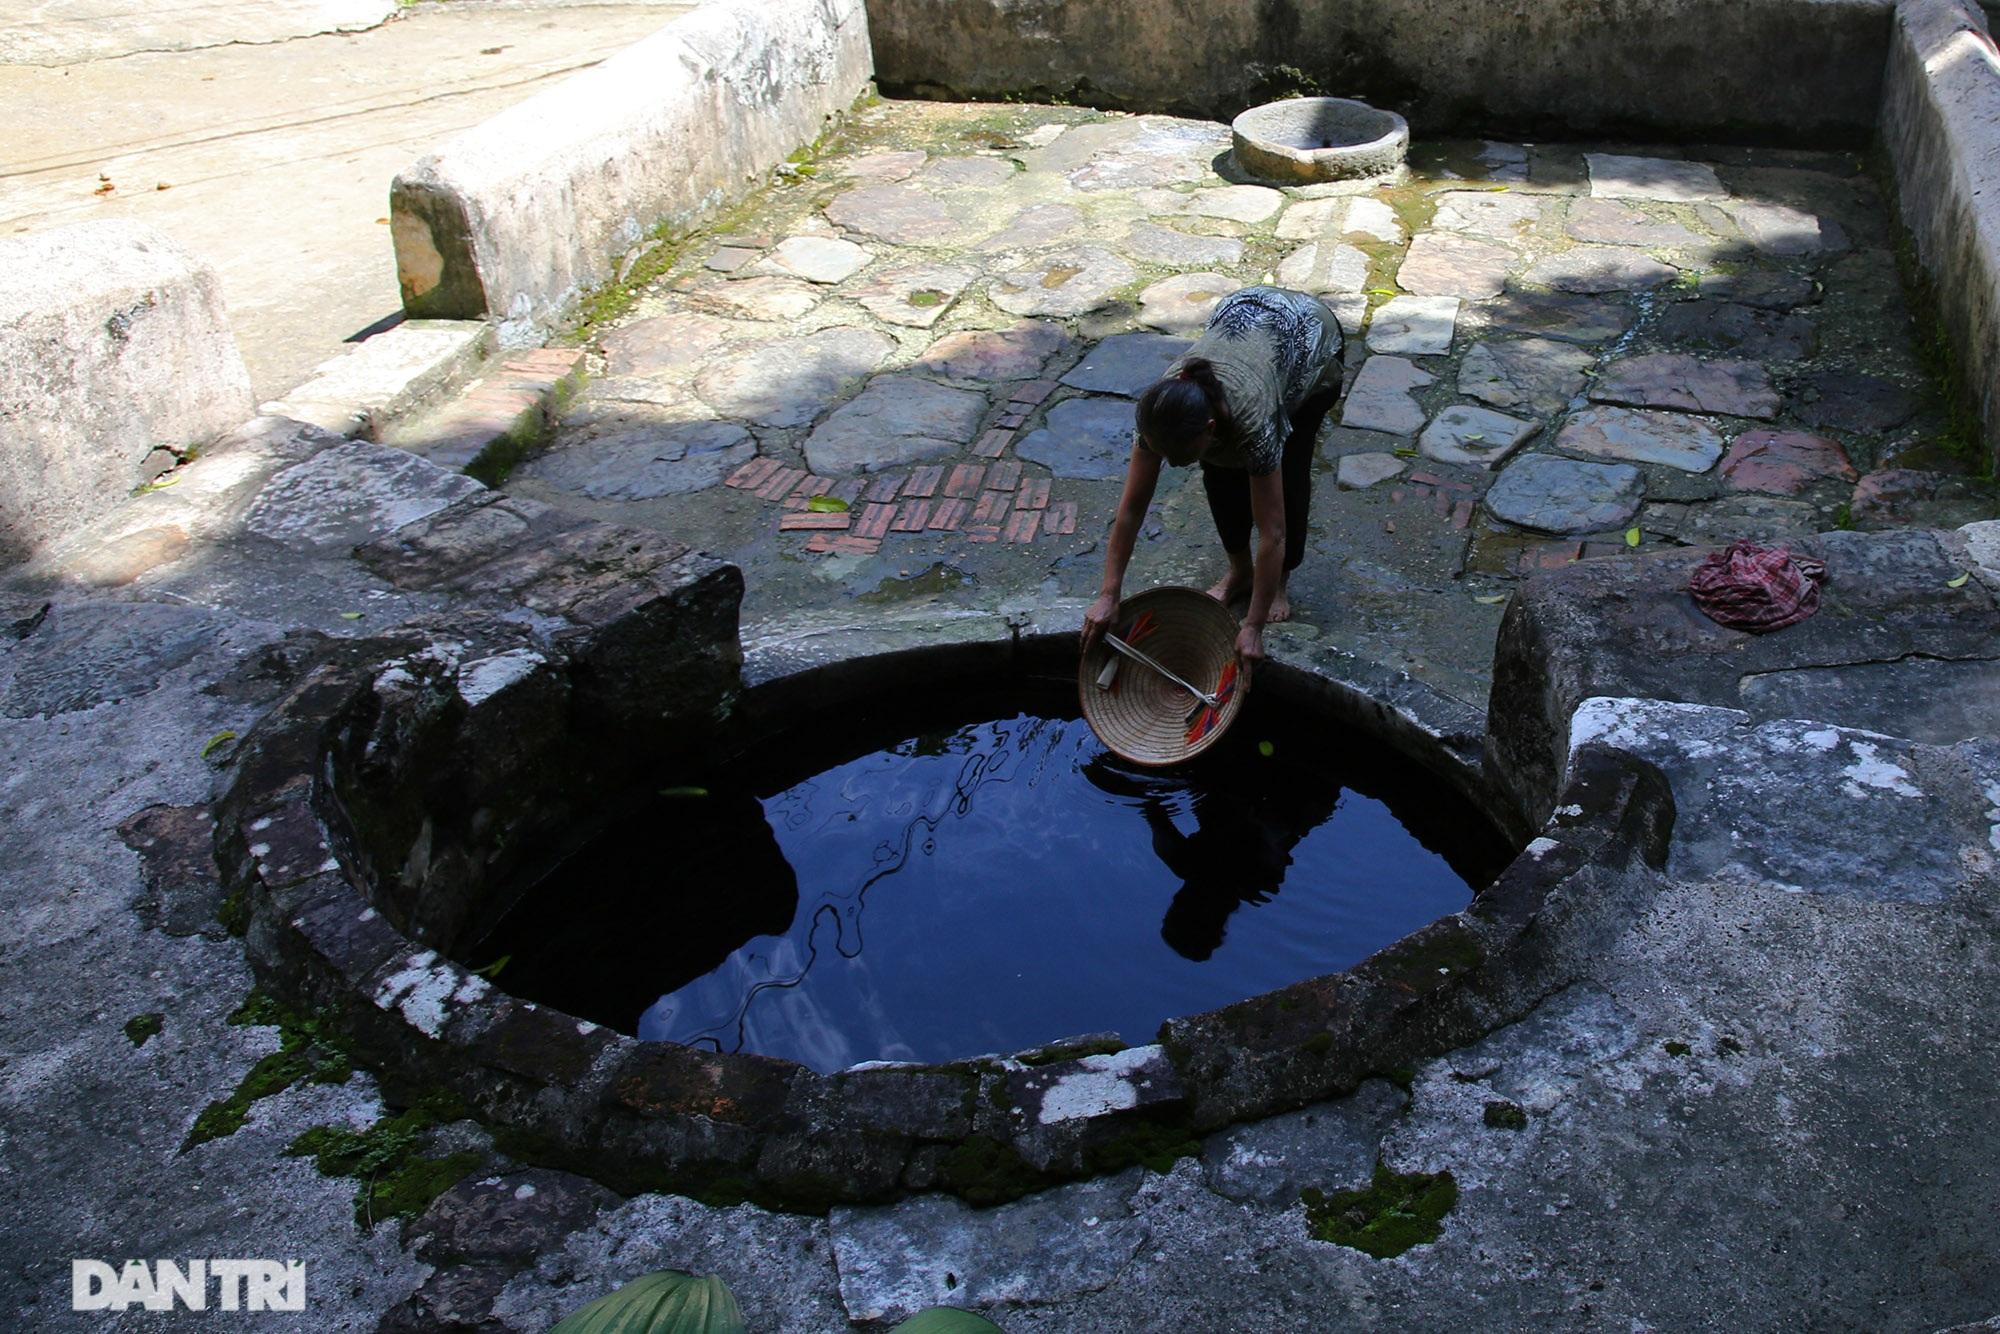 Cánh dại tre độc đáo trong nếp nhà xưa ở nông thôn miền Bắc - 9